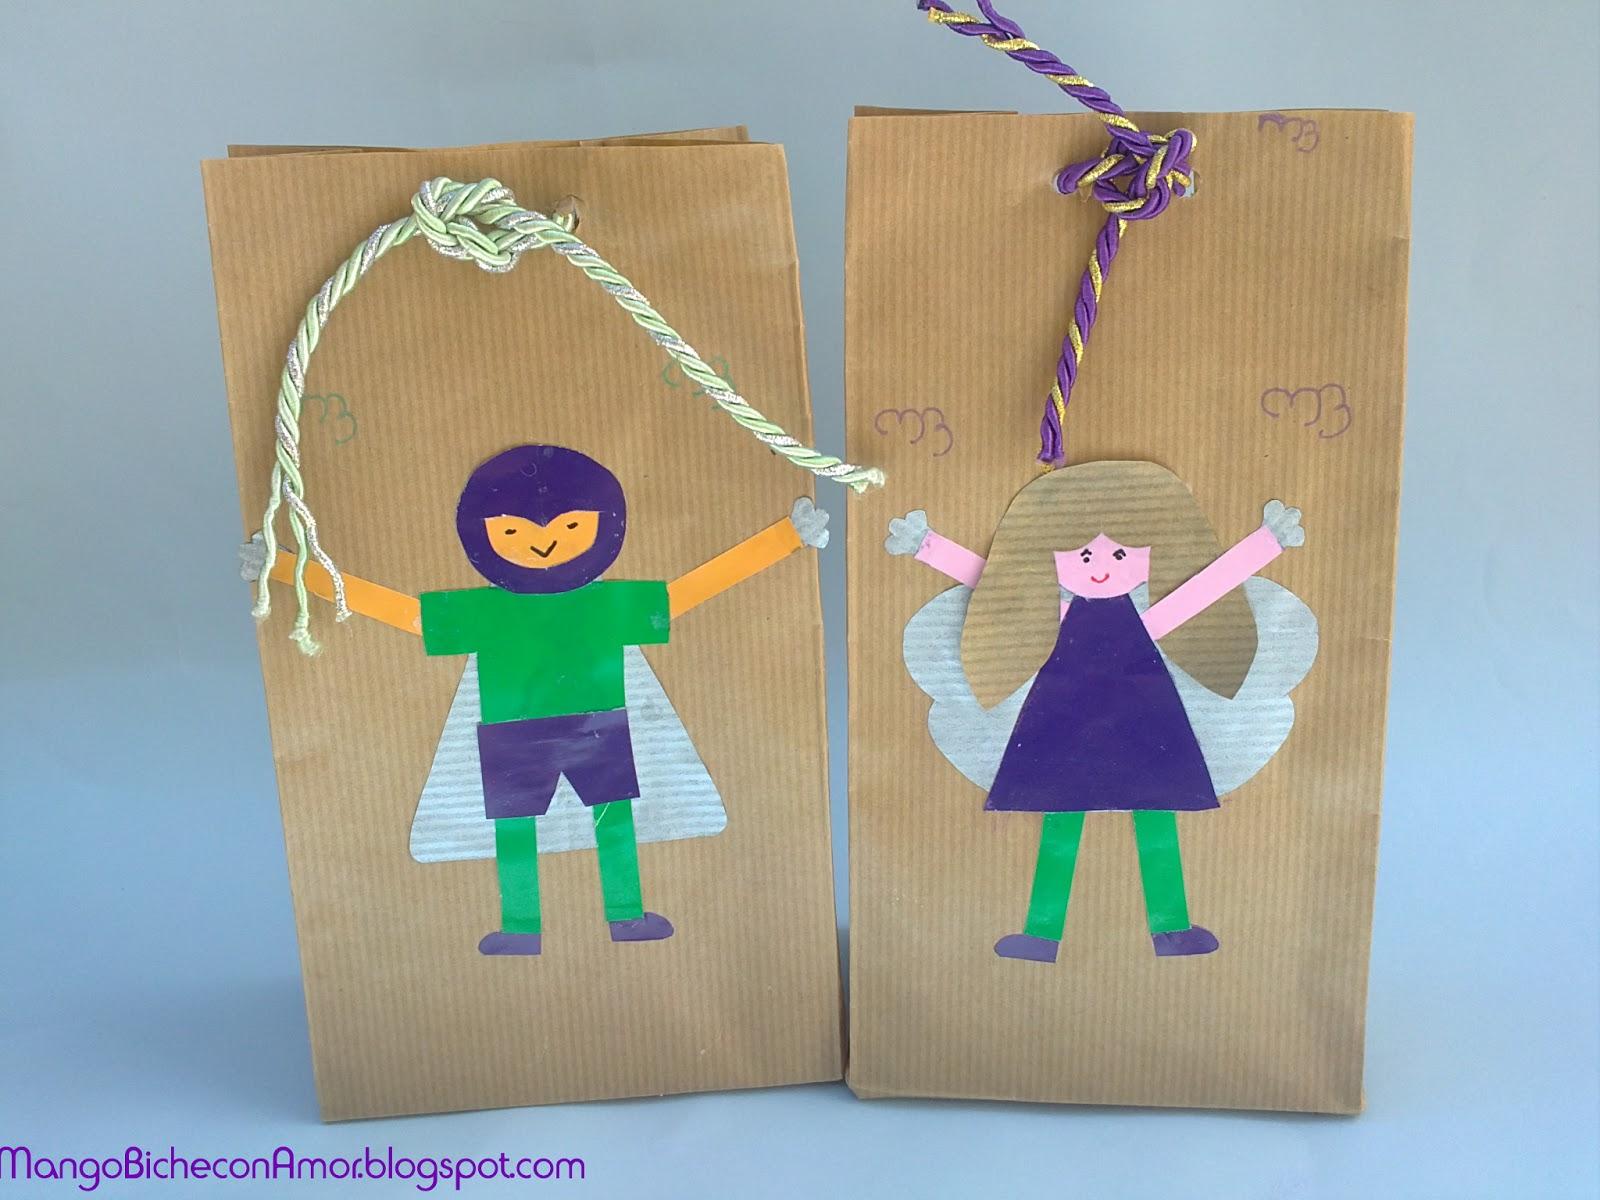 Bolsa de papel craft personalizada para tus regalos - Bolsa de papel para regalo ...